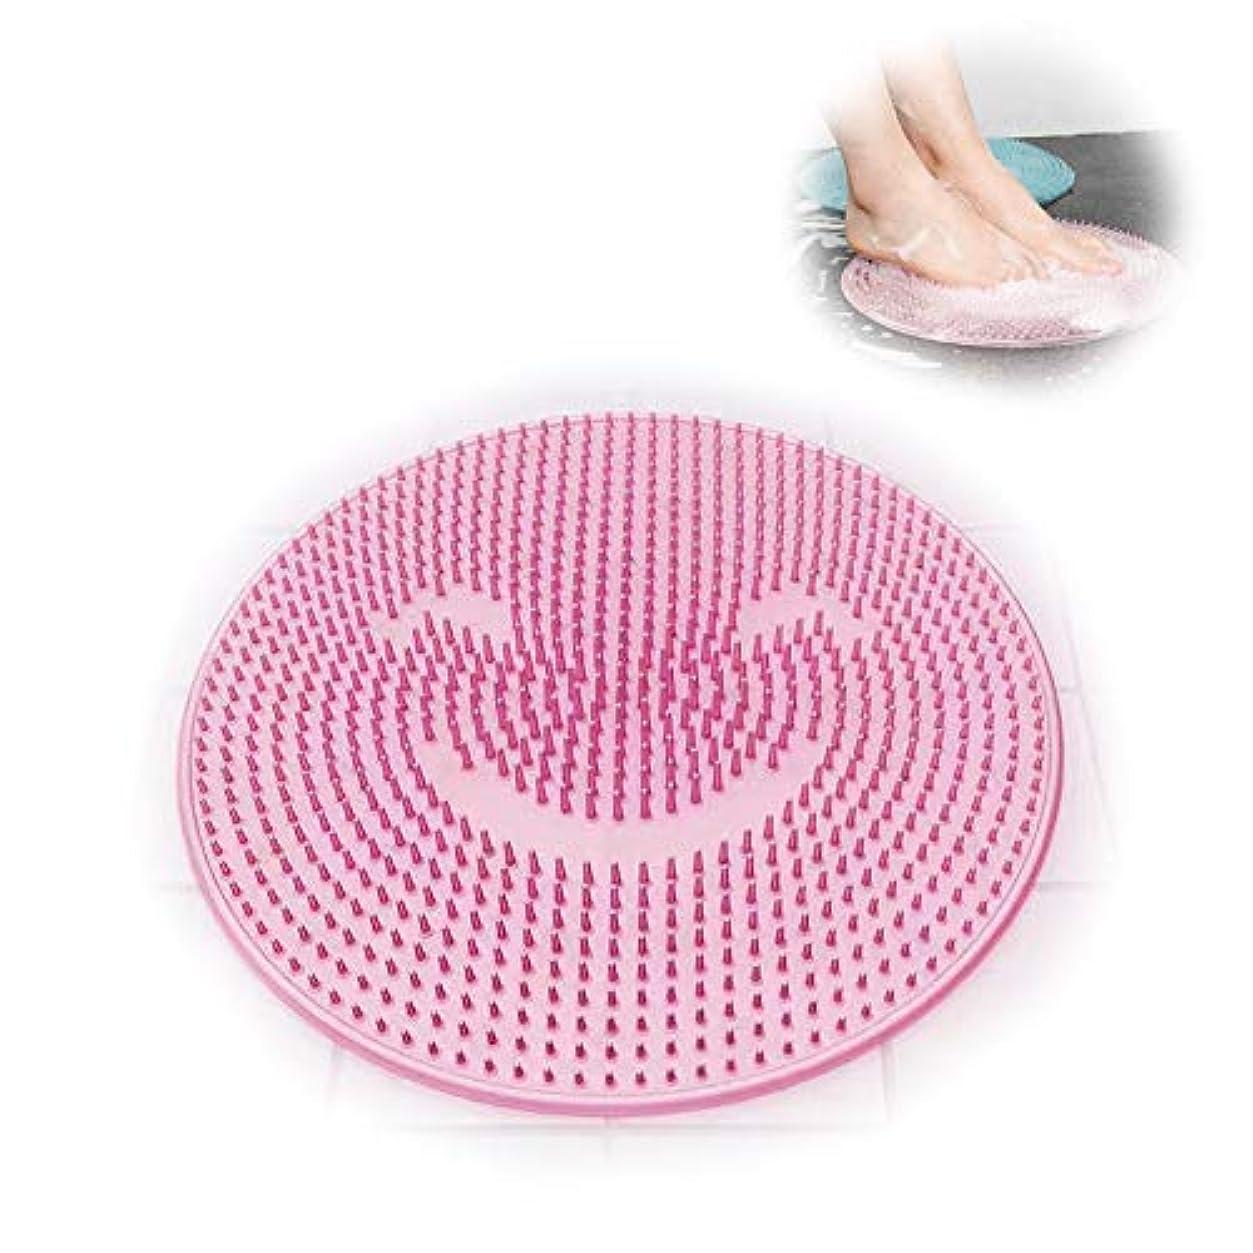 息切れトーク薬を飲むSHOOTING 足洗い用 バスマット 足洗いマット フット 汚れ角質除去 ストレス解消 (ピンク)